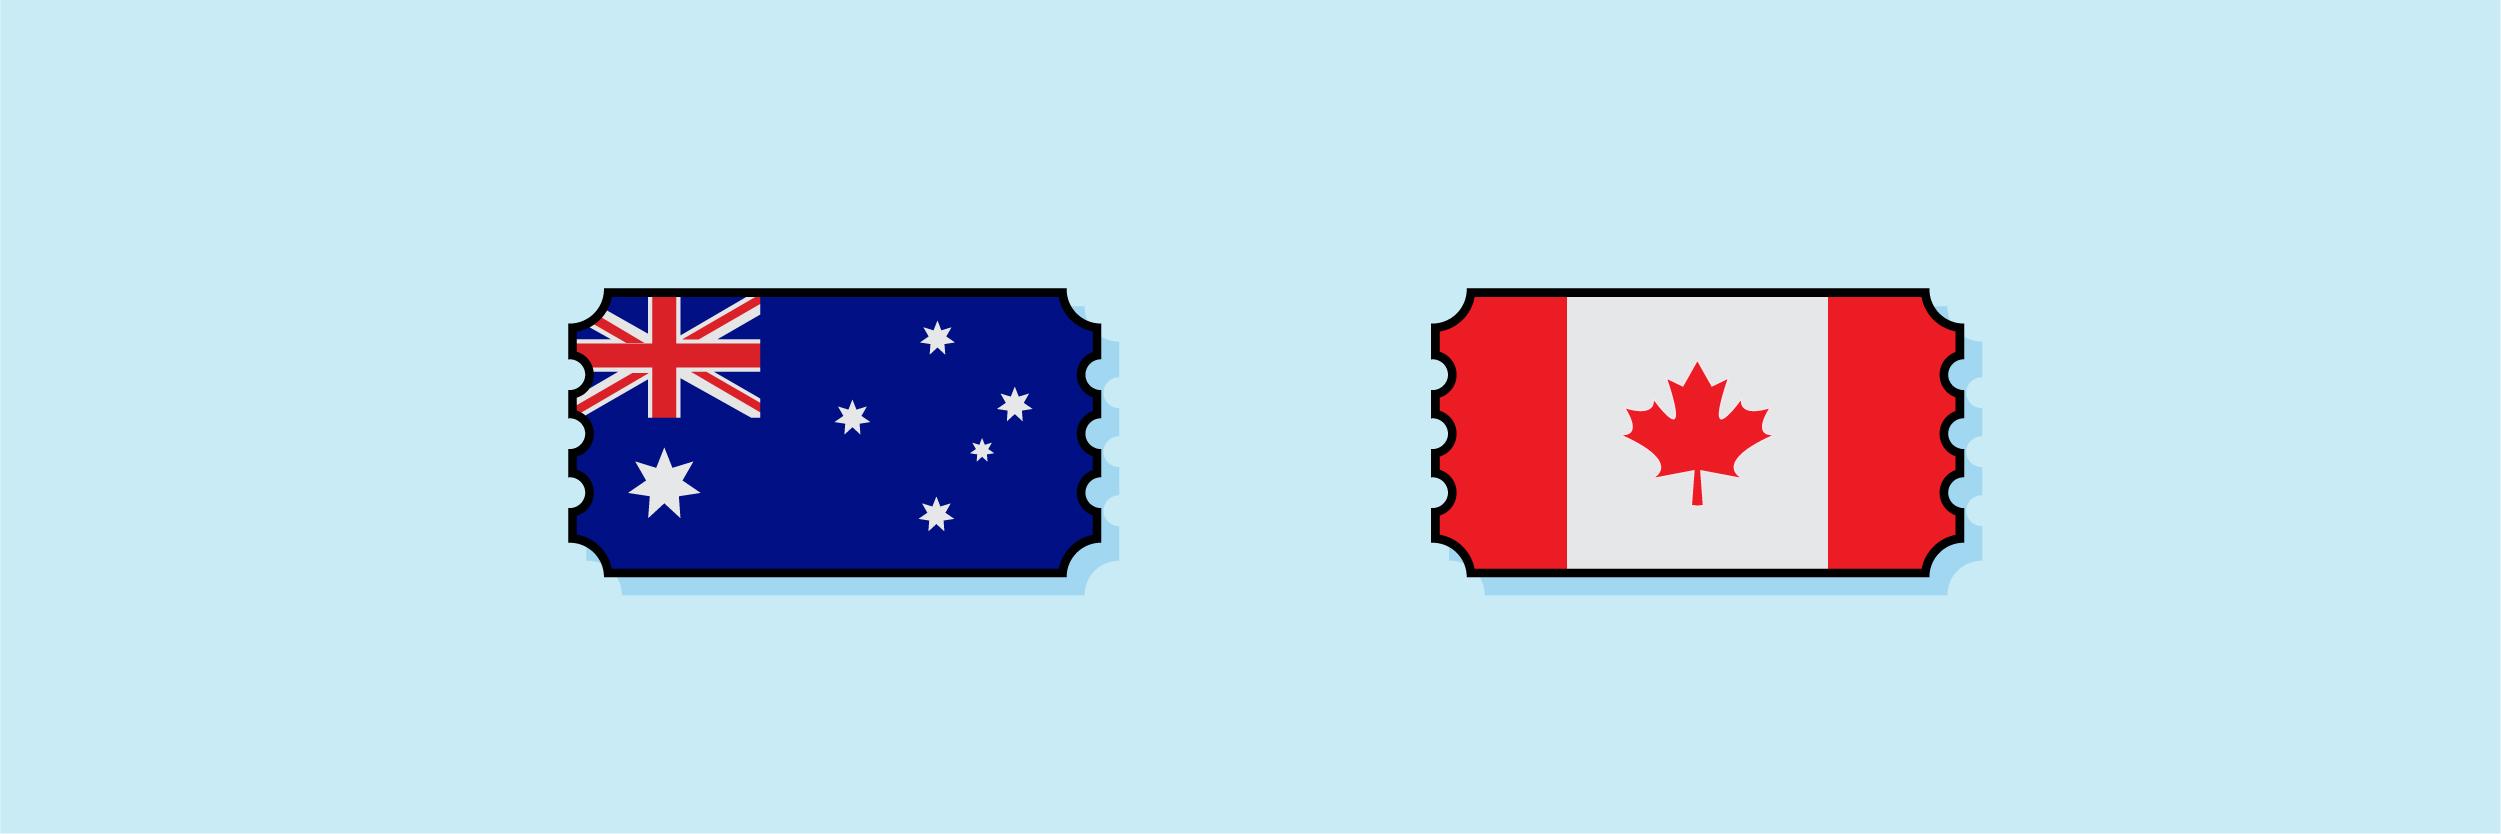 FareHarbor Australia Canada Graphic